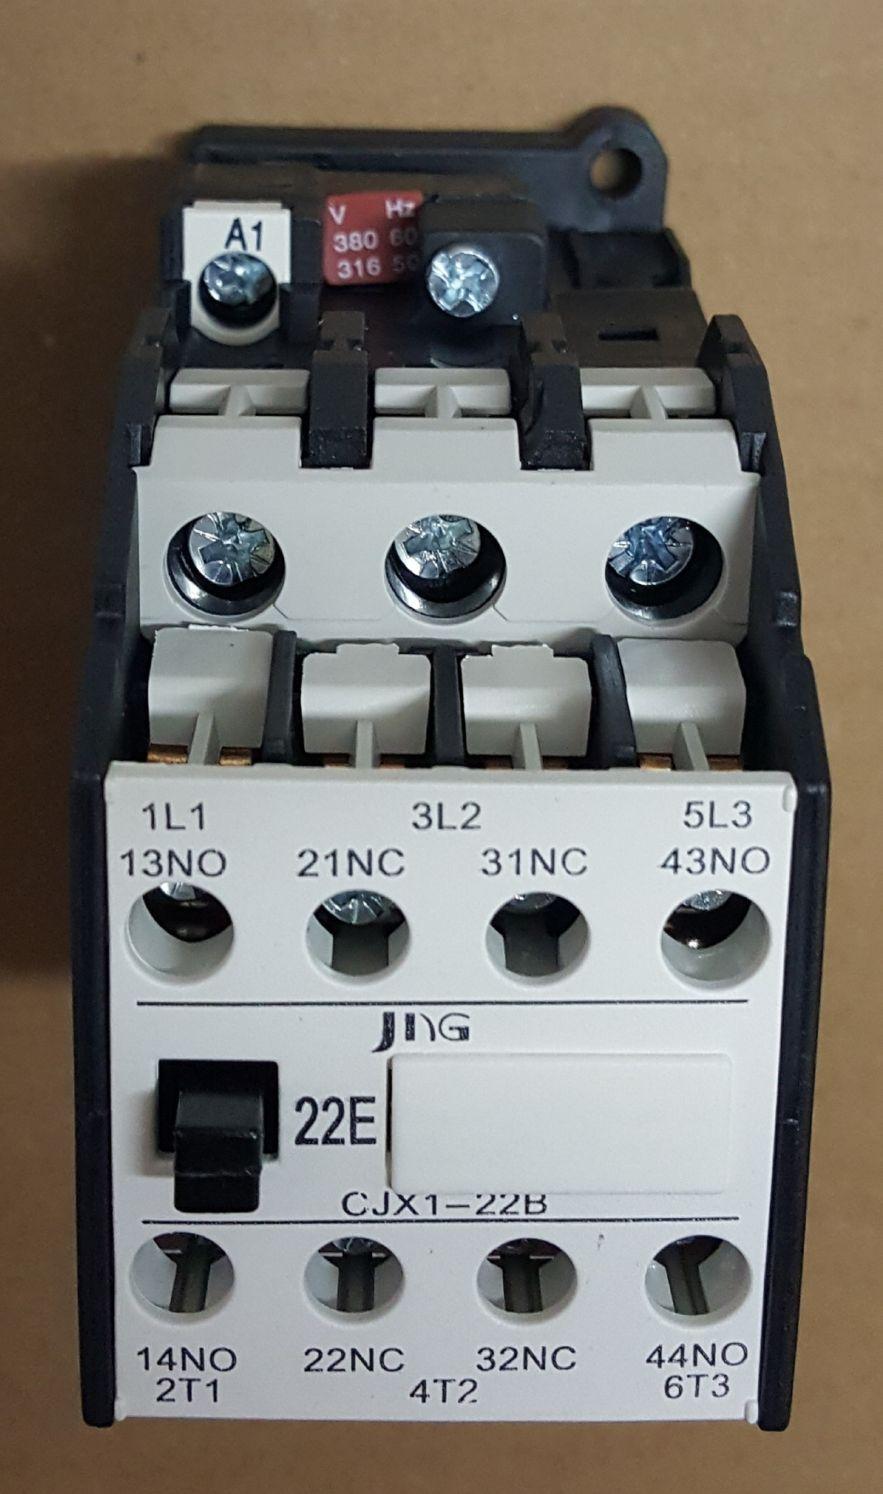 CONTATOR AUXILIAR CJX1-16B (16 AMPERES) 380V FAIXA AJUSTE 32A